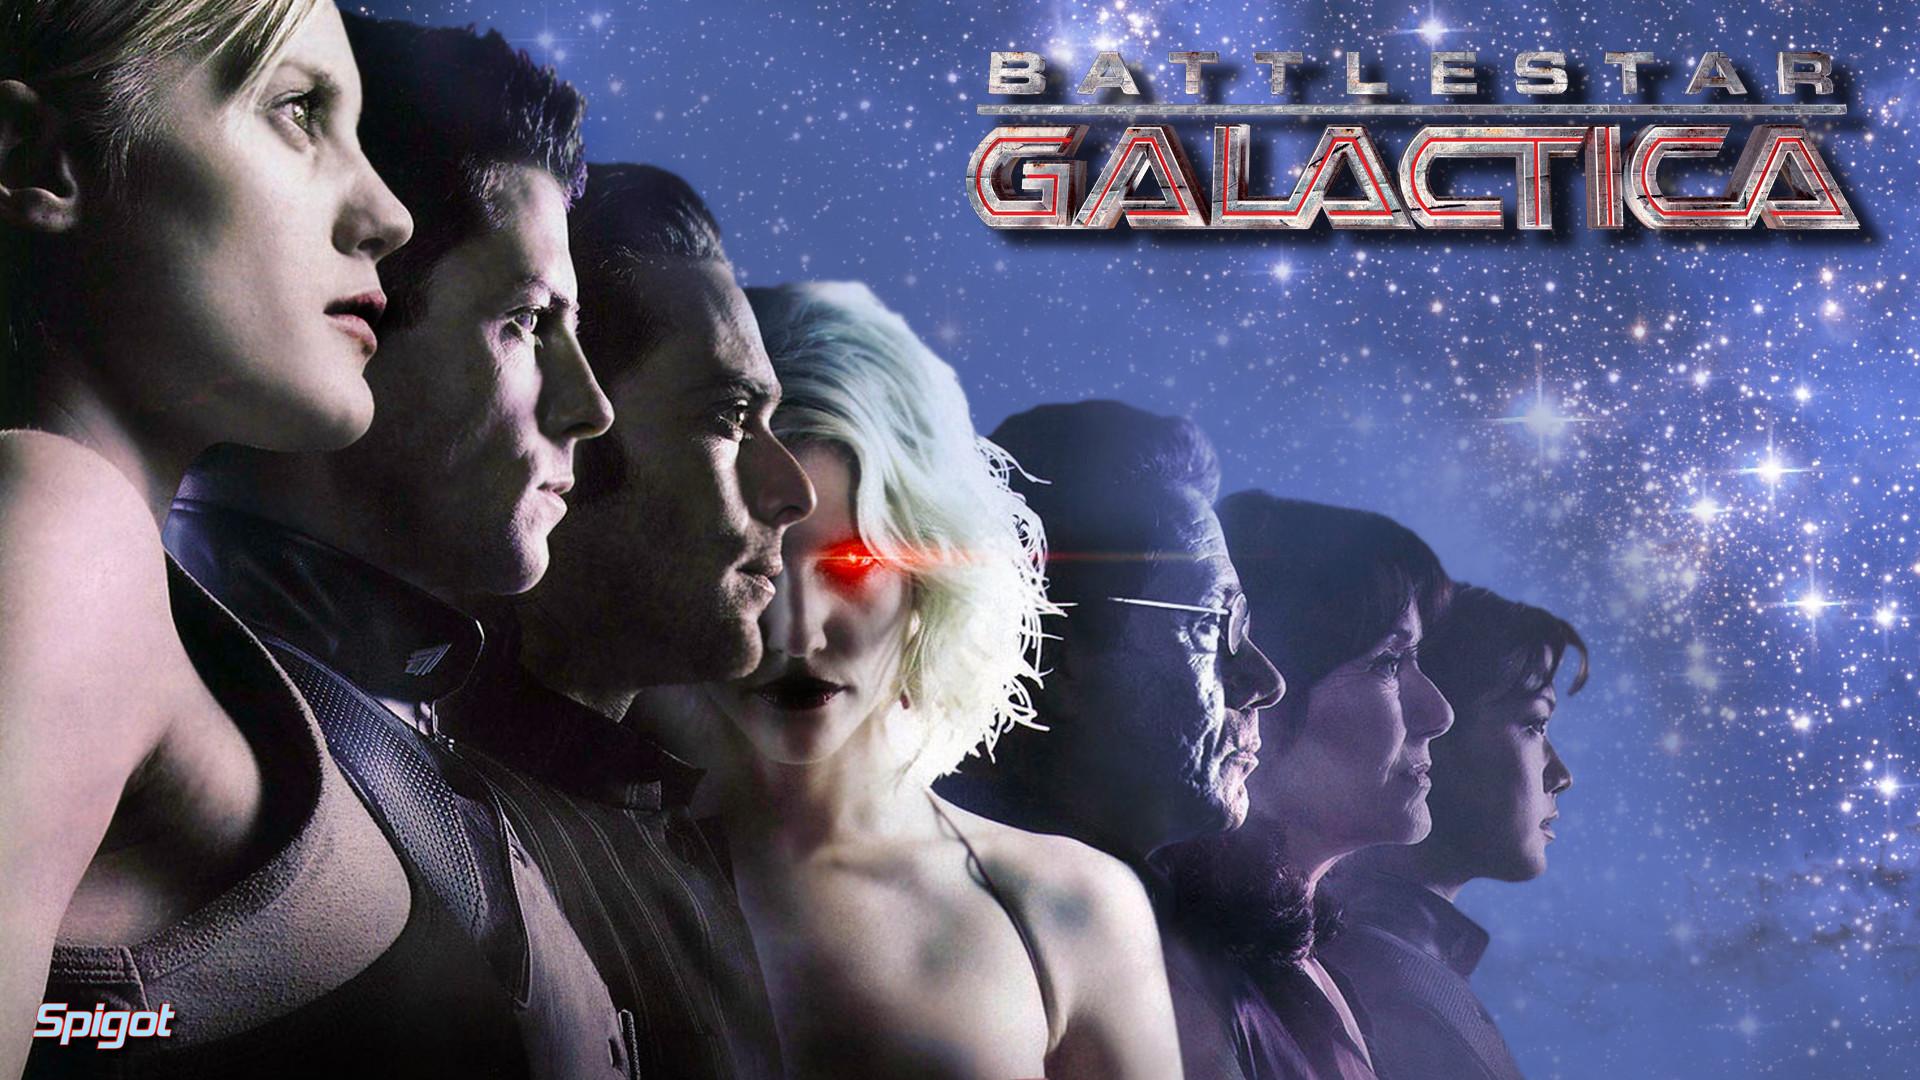 Battlestar Galactica wallpapers wallpaper images BSG sci-fi .